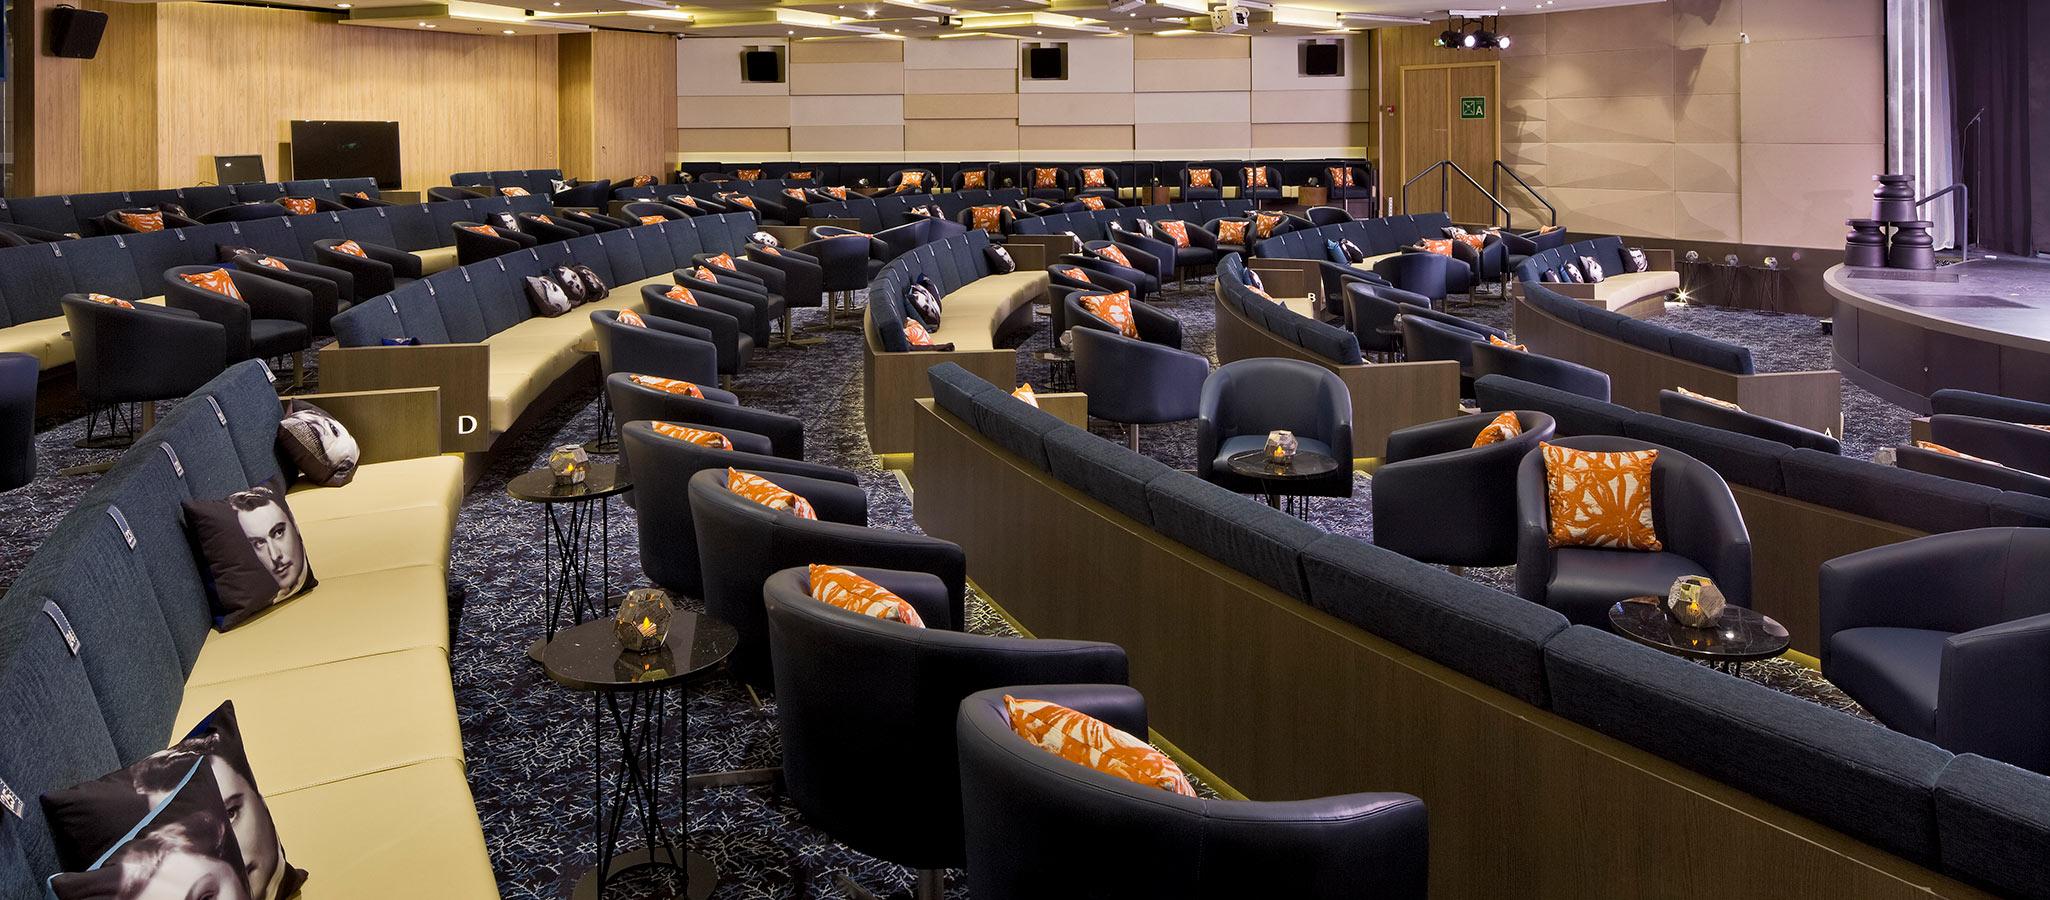 Die Tagungsmöglichkeiten an Bord sind exzellent - sowohl hinsichtlich der Räumlichkeiten als auch in puncto Tagungstechnik.